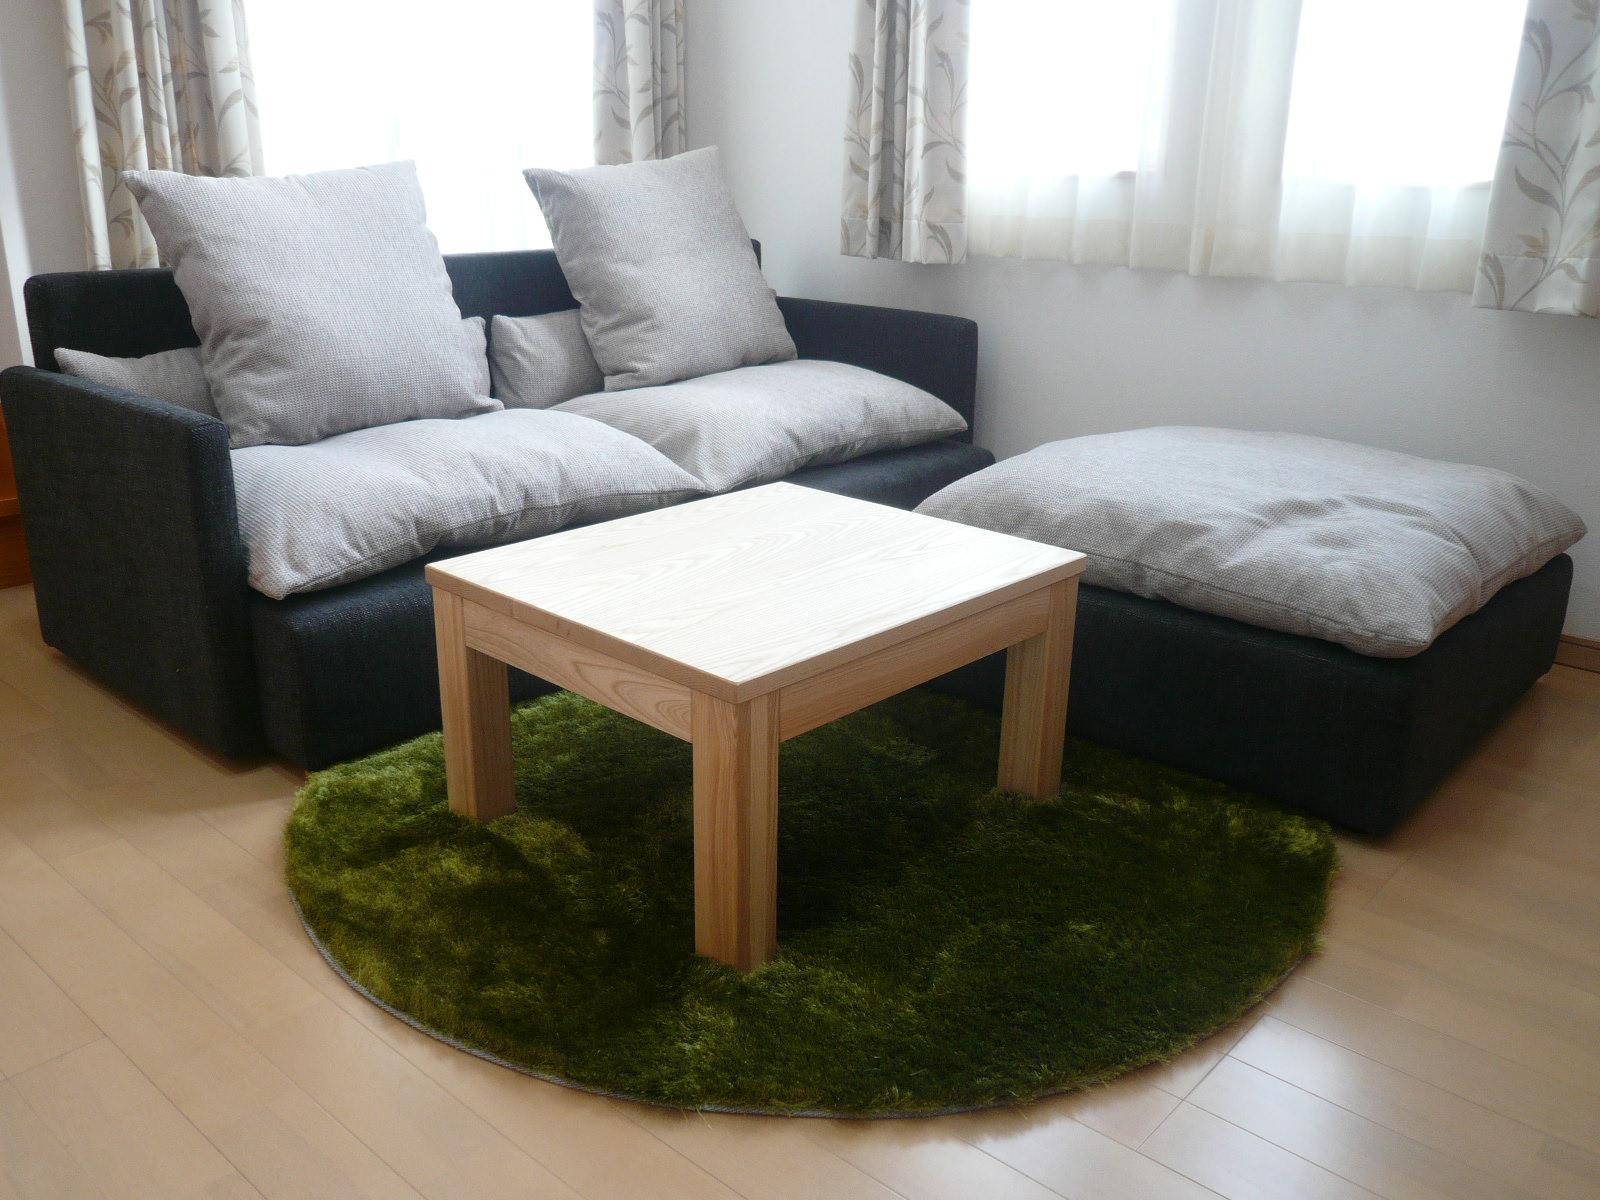 お部屋の印象を決めるラグ。丸い形ならかわいく優しい雰囲気にのサムネイル画像